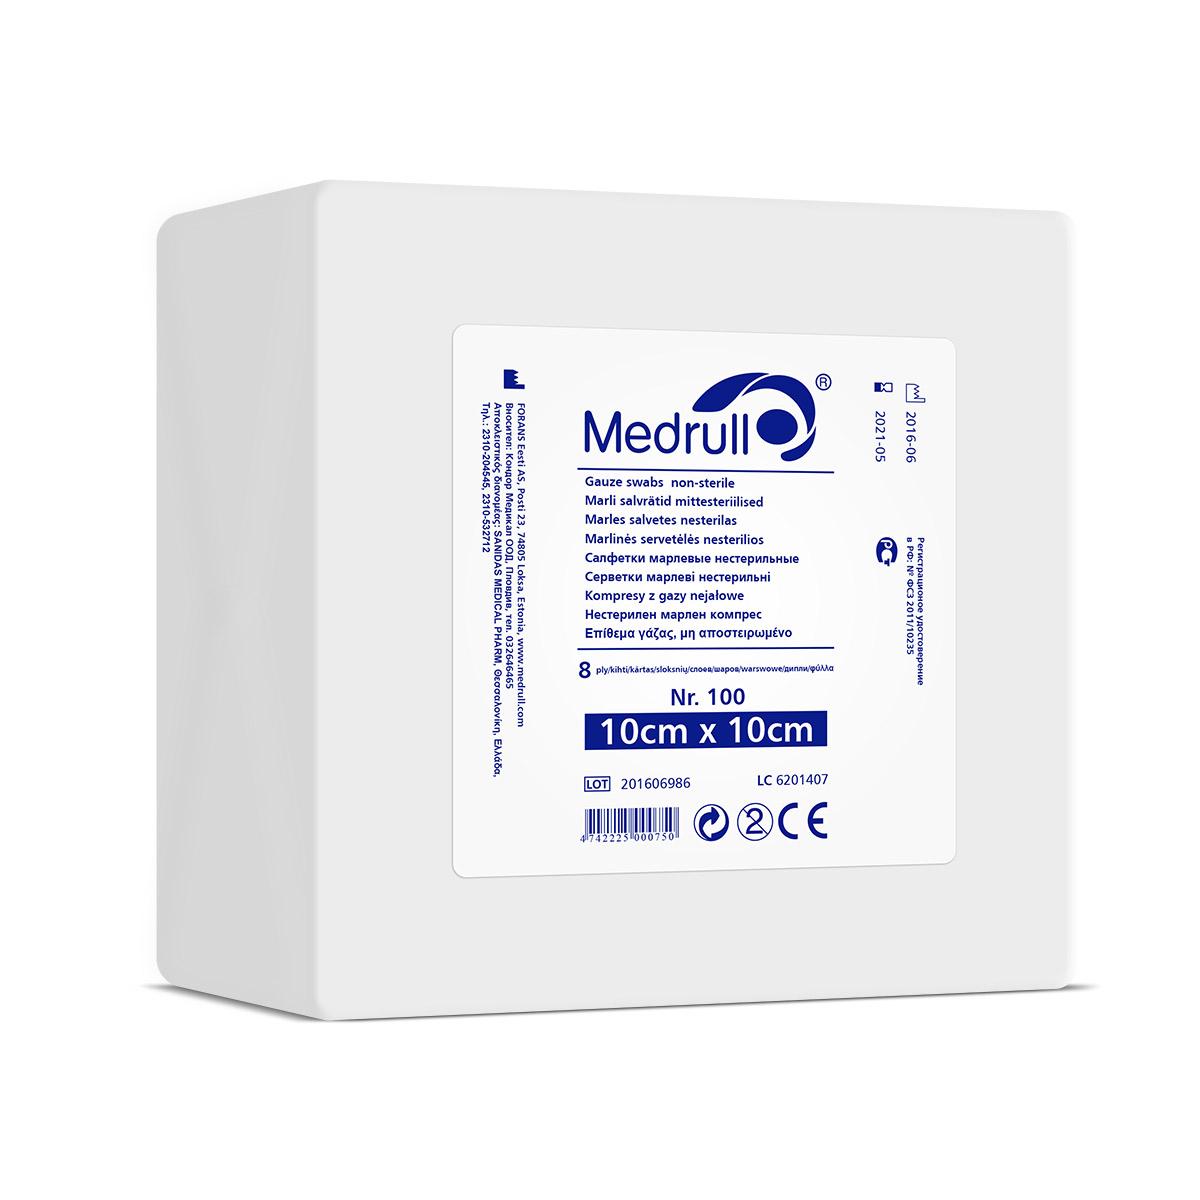 Medrull Салфетки марлевые медицинские N100, 8-слойные, нестерильные, 10х10 см1301210САЛФЕТКИ МАРЛЕВЫЕ НЕСТЕРИЛЬНЫЕ/8 СЛ. NR 100 Состав 100% хлопок. Структура материала 17 ниток/см2. Размер 8 сл 10см x 10см